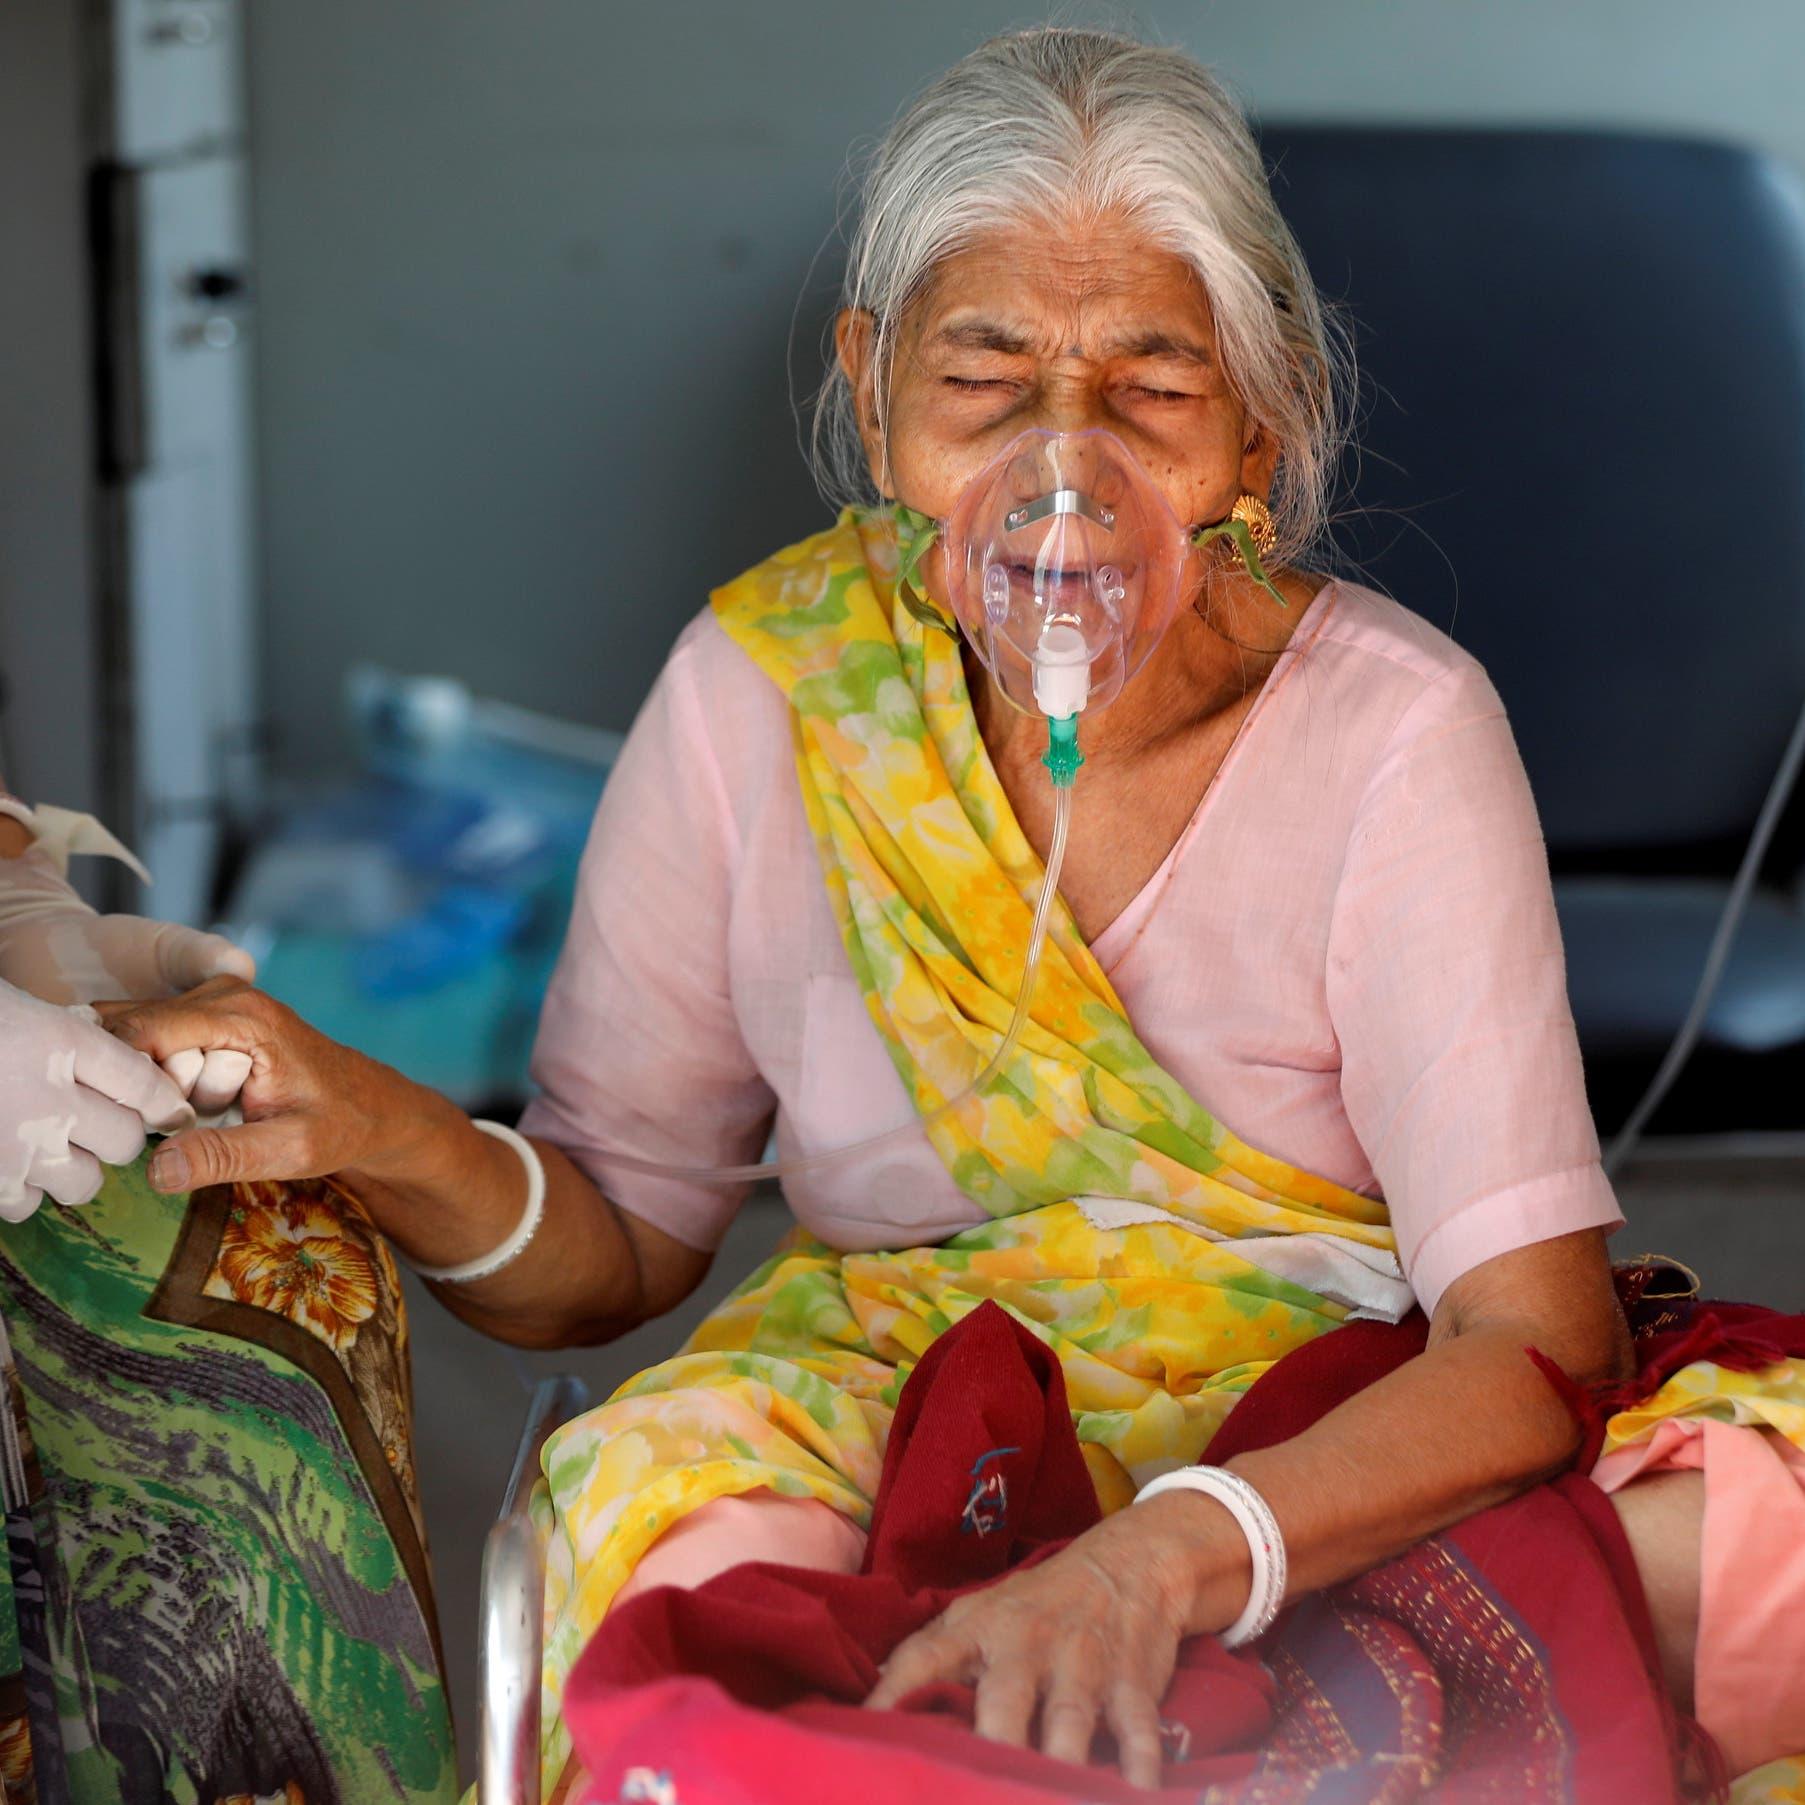 """أرقام مفزعة.. """"كورونا"""" أوقع230 مليون هندي في براثنالفقر"""